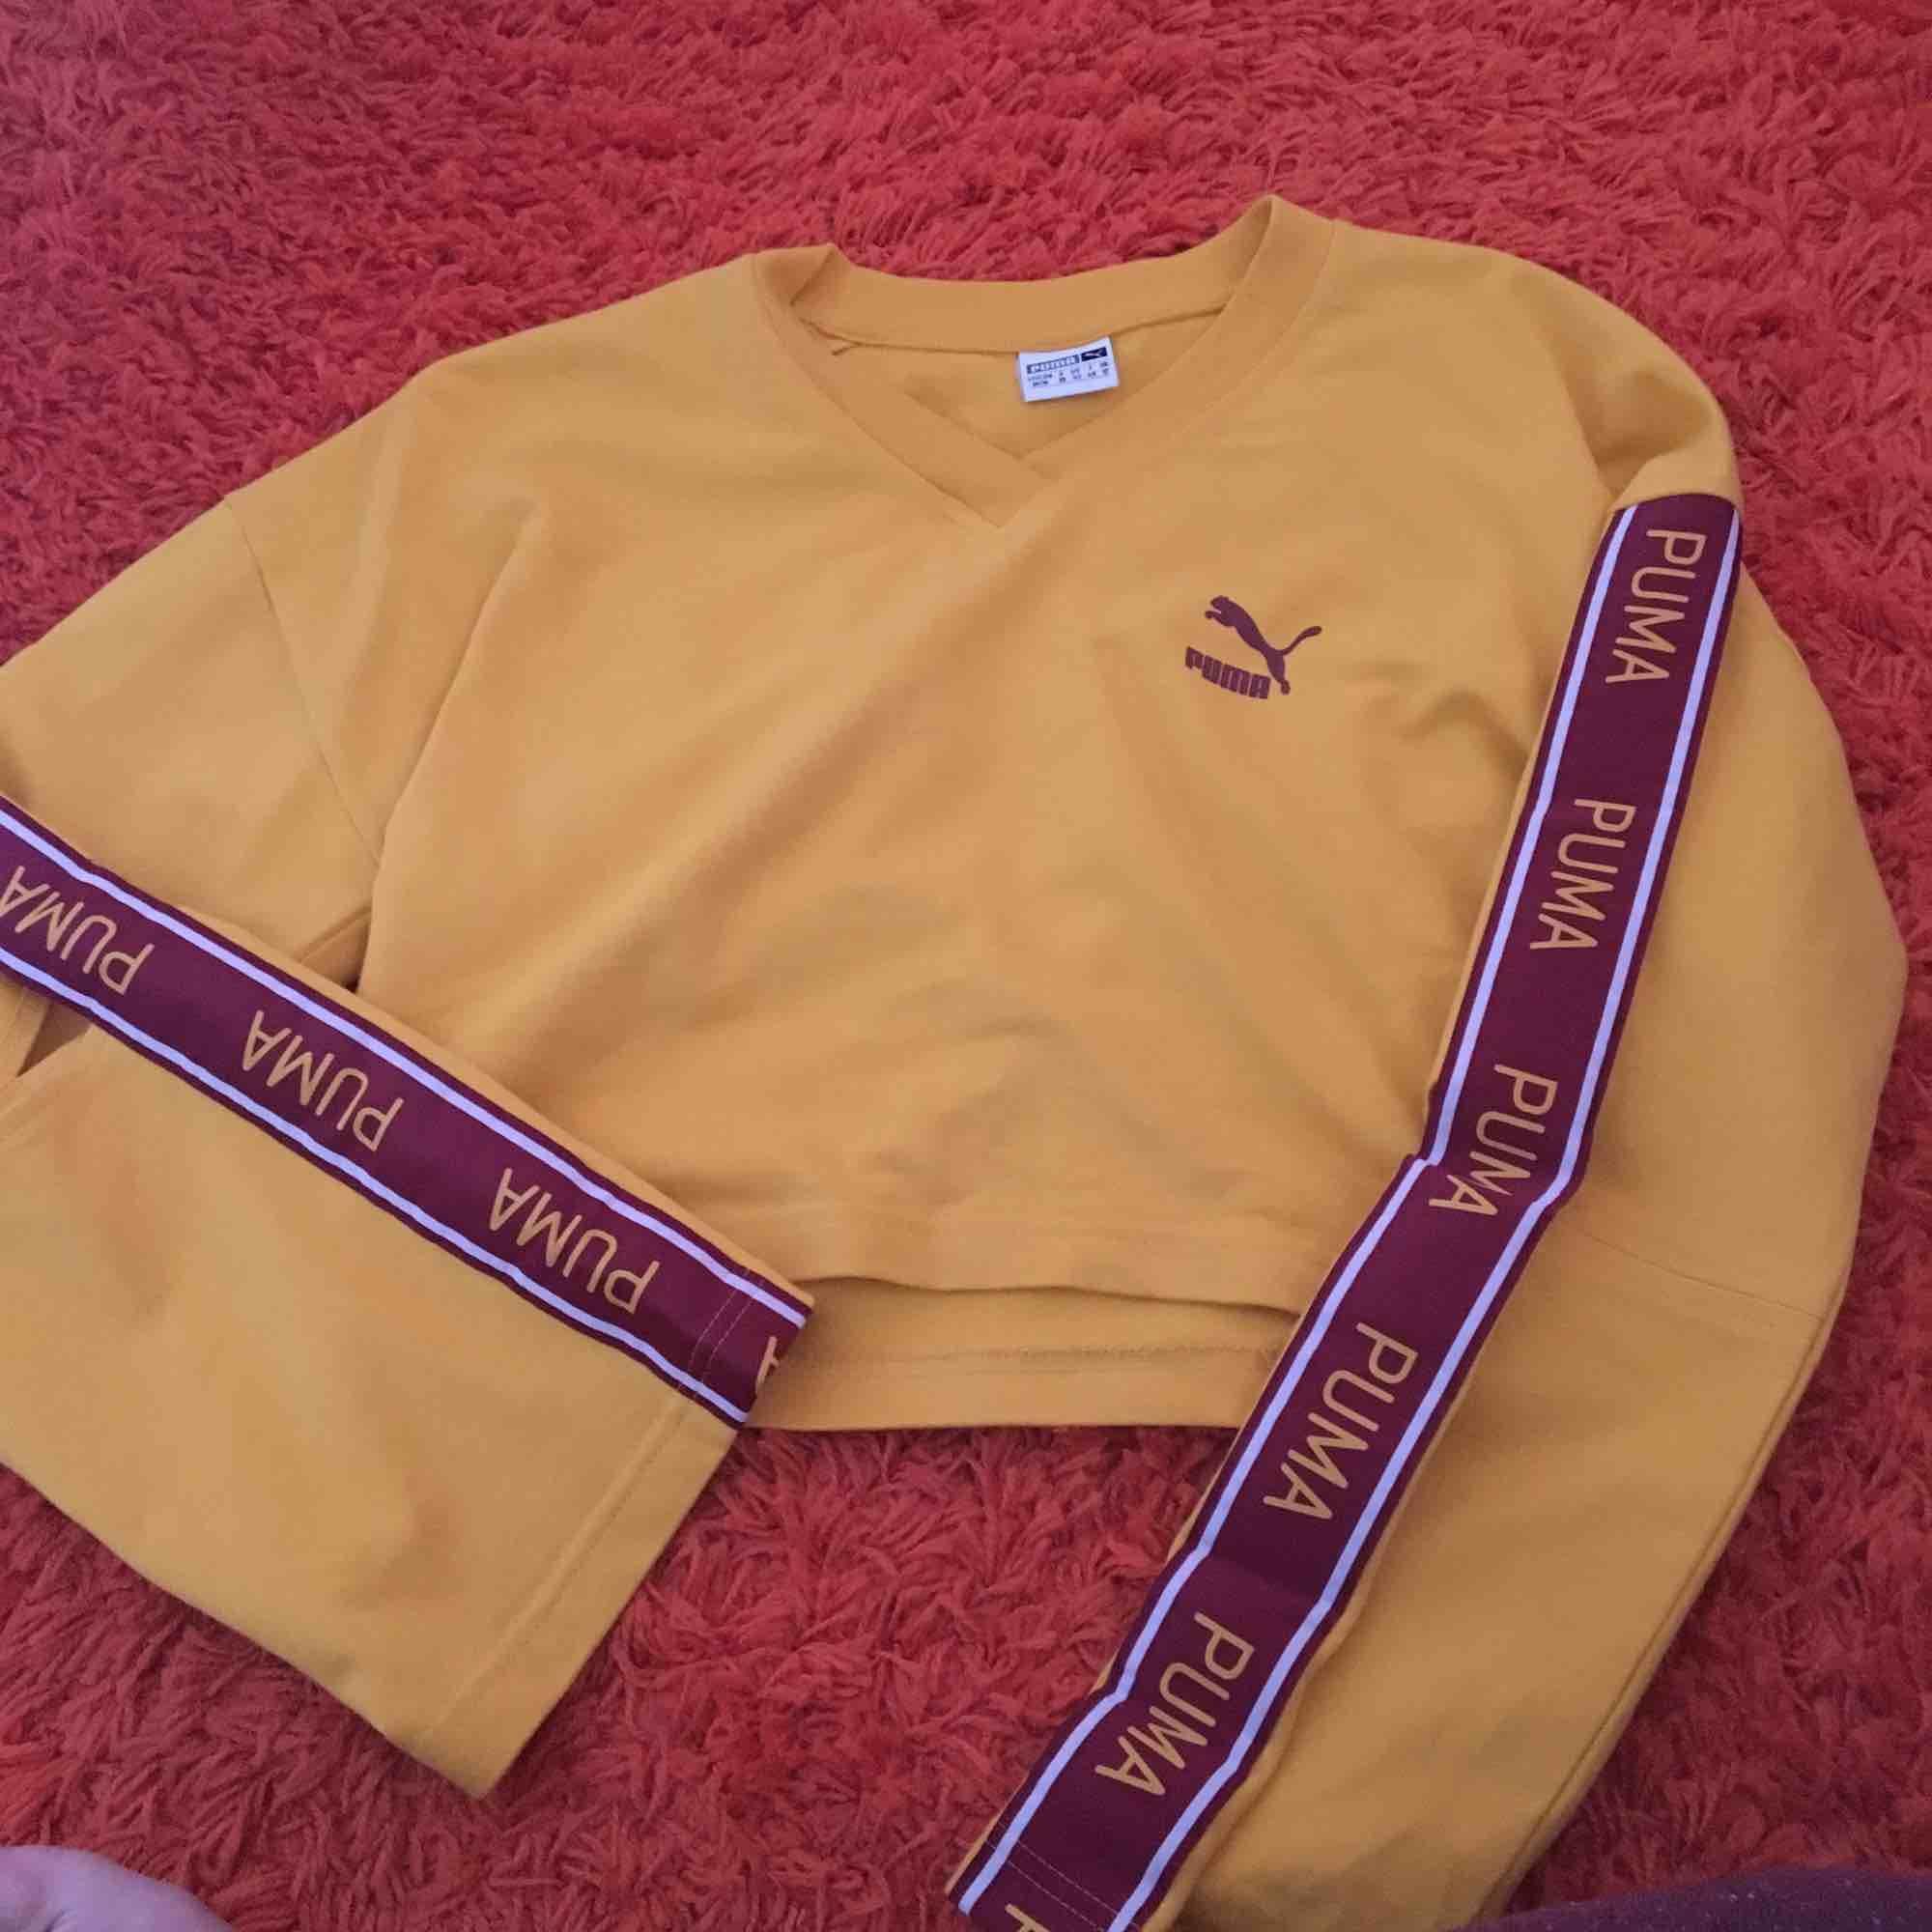 Gul tröja från Puma! Väldigt snygg och trendig. Använd ett fåtal gånger, säljer för att jag inte använder den ofta. Tröjan är lite cropped. Frakt ingår.. Toppar.